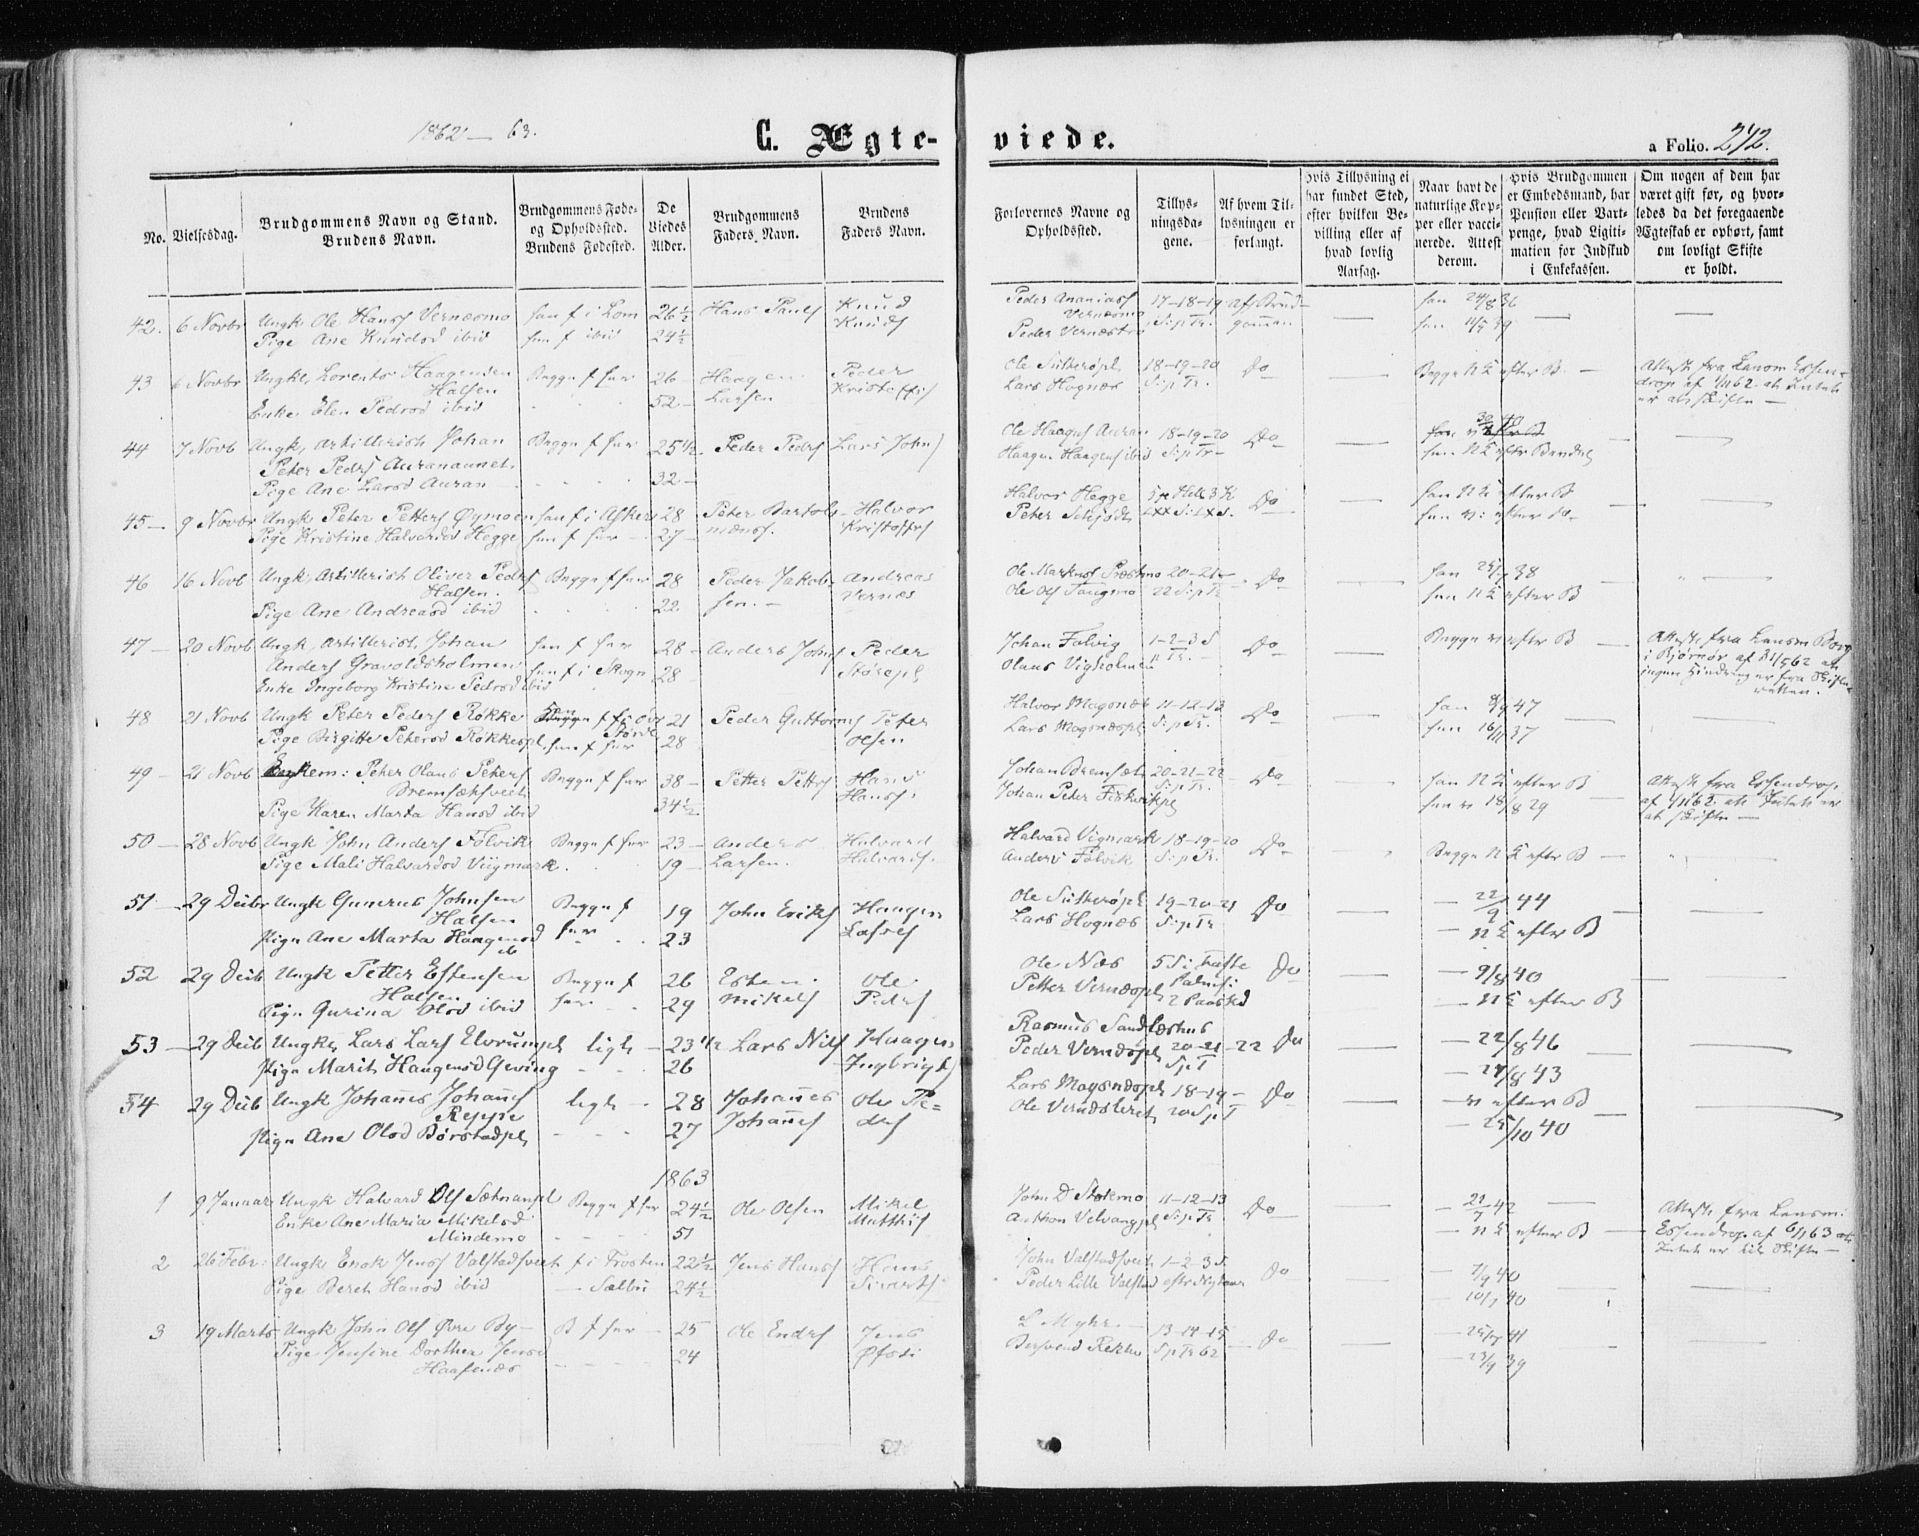 SAT, Ministerialprotokoller, klokkerbøker og fødselsregistre - Nord-Trøndelag, 709/L0075: Ministerialbok nr. 709A15, 1859-1870, s. 242